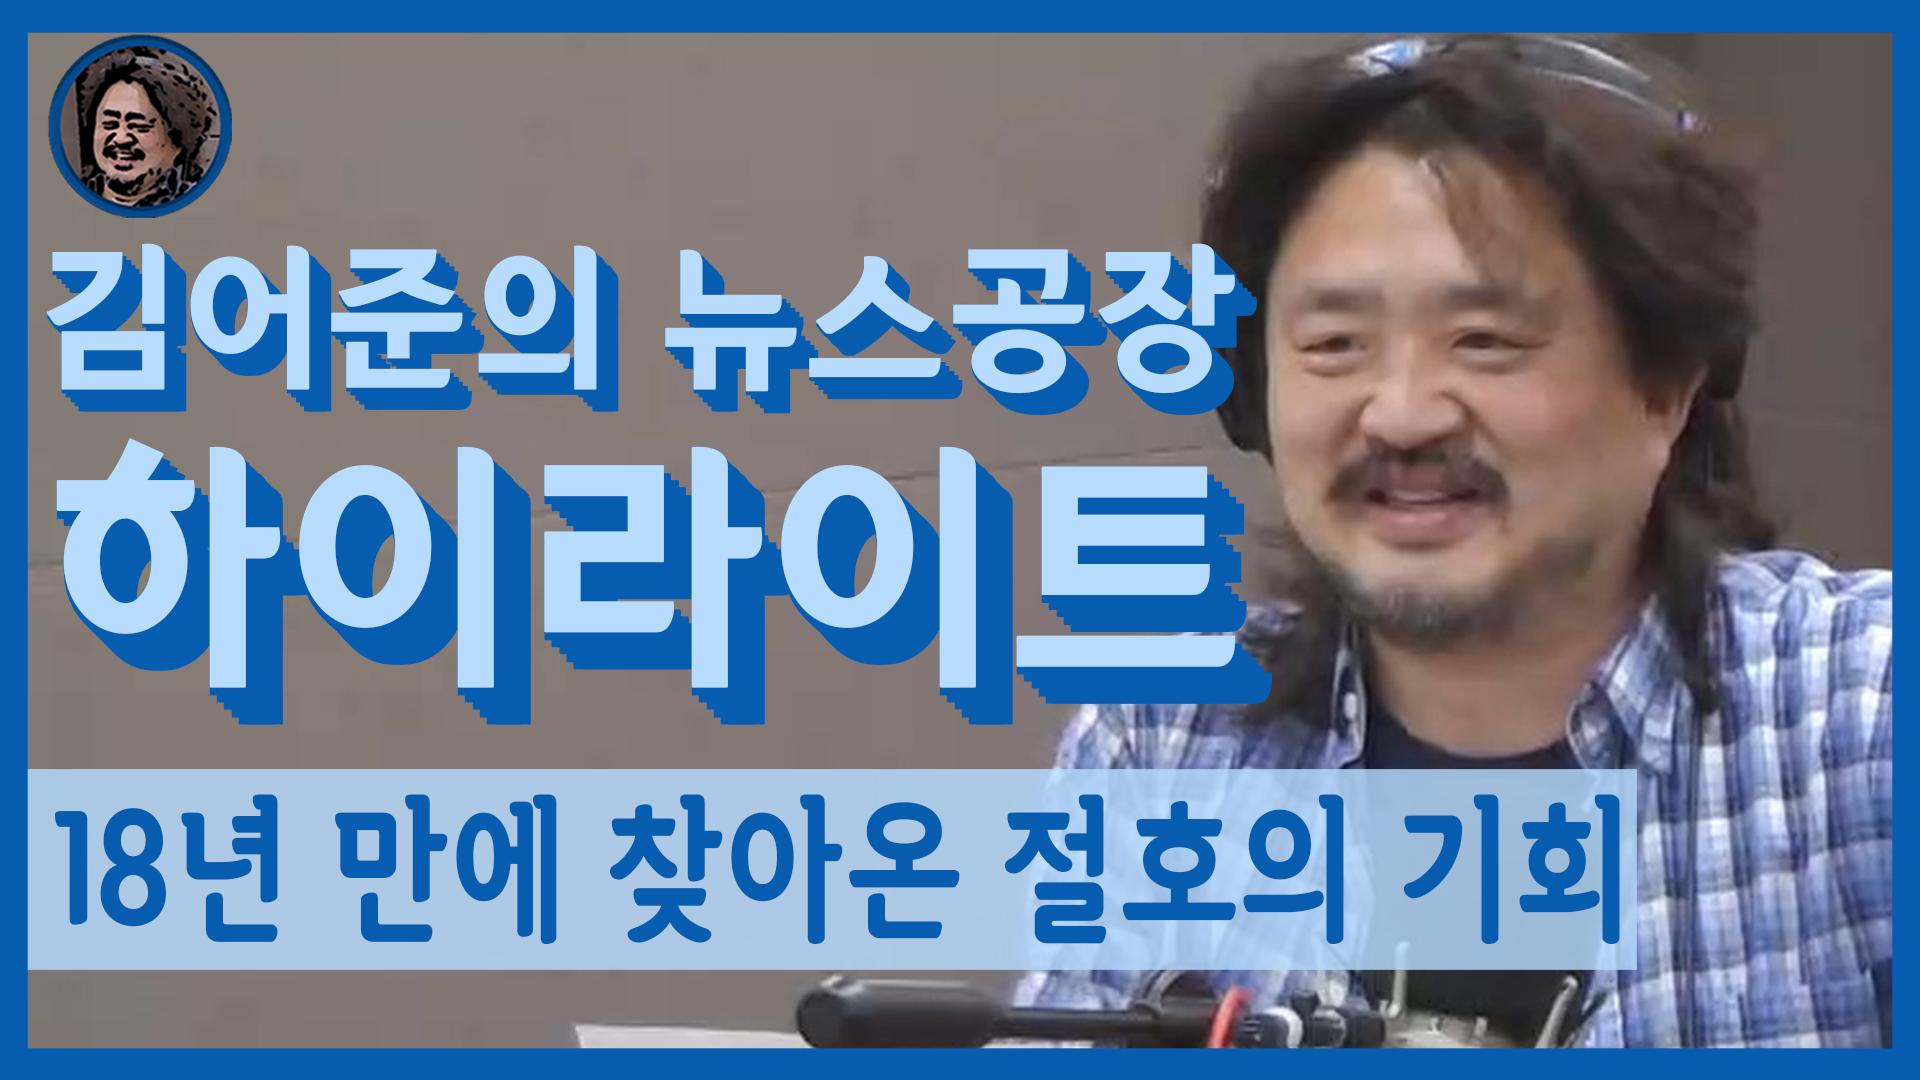 [김어준의 뉴스공장-하이라이트]폼페이오, 극비 방북 뒤늦게 알려져